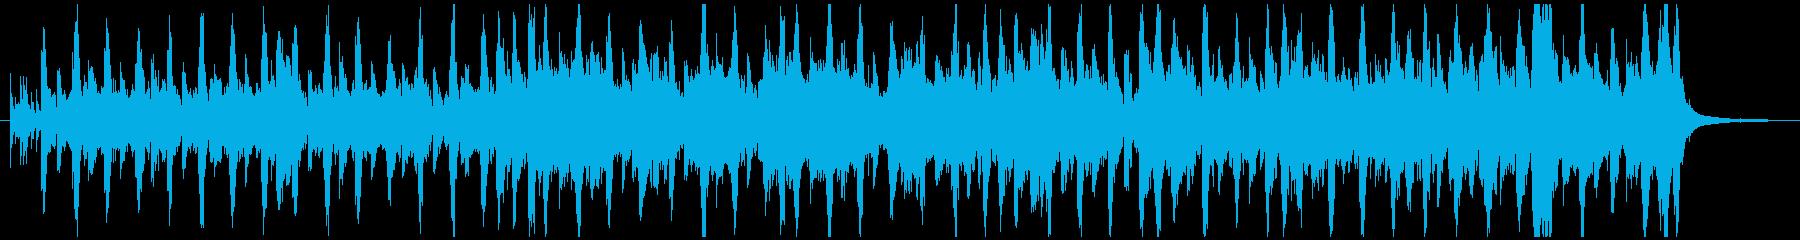 少し暗めなコミカル曲、ハロウィンにも可の再生済みの波形